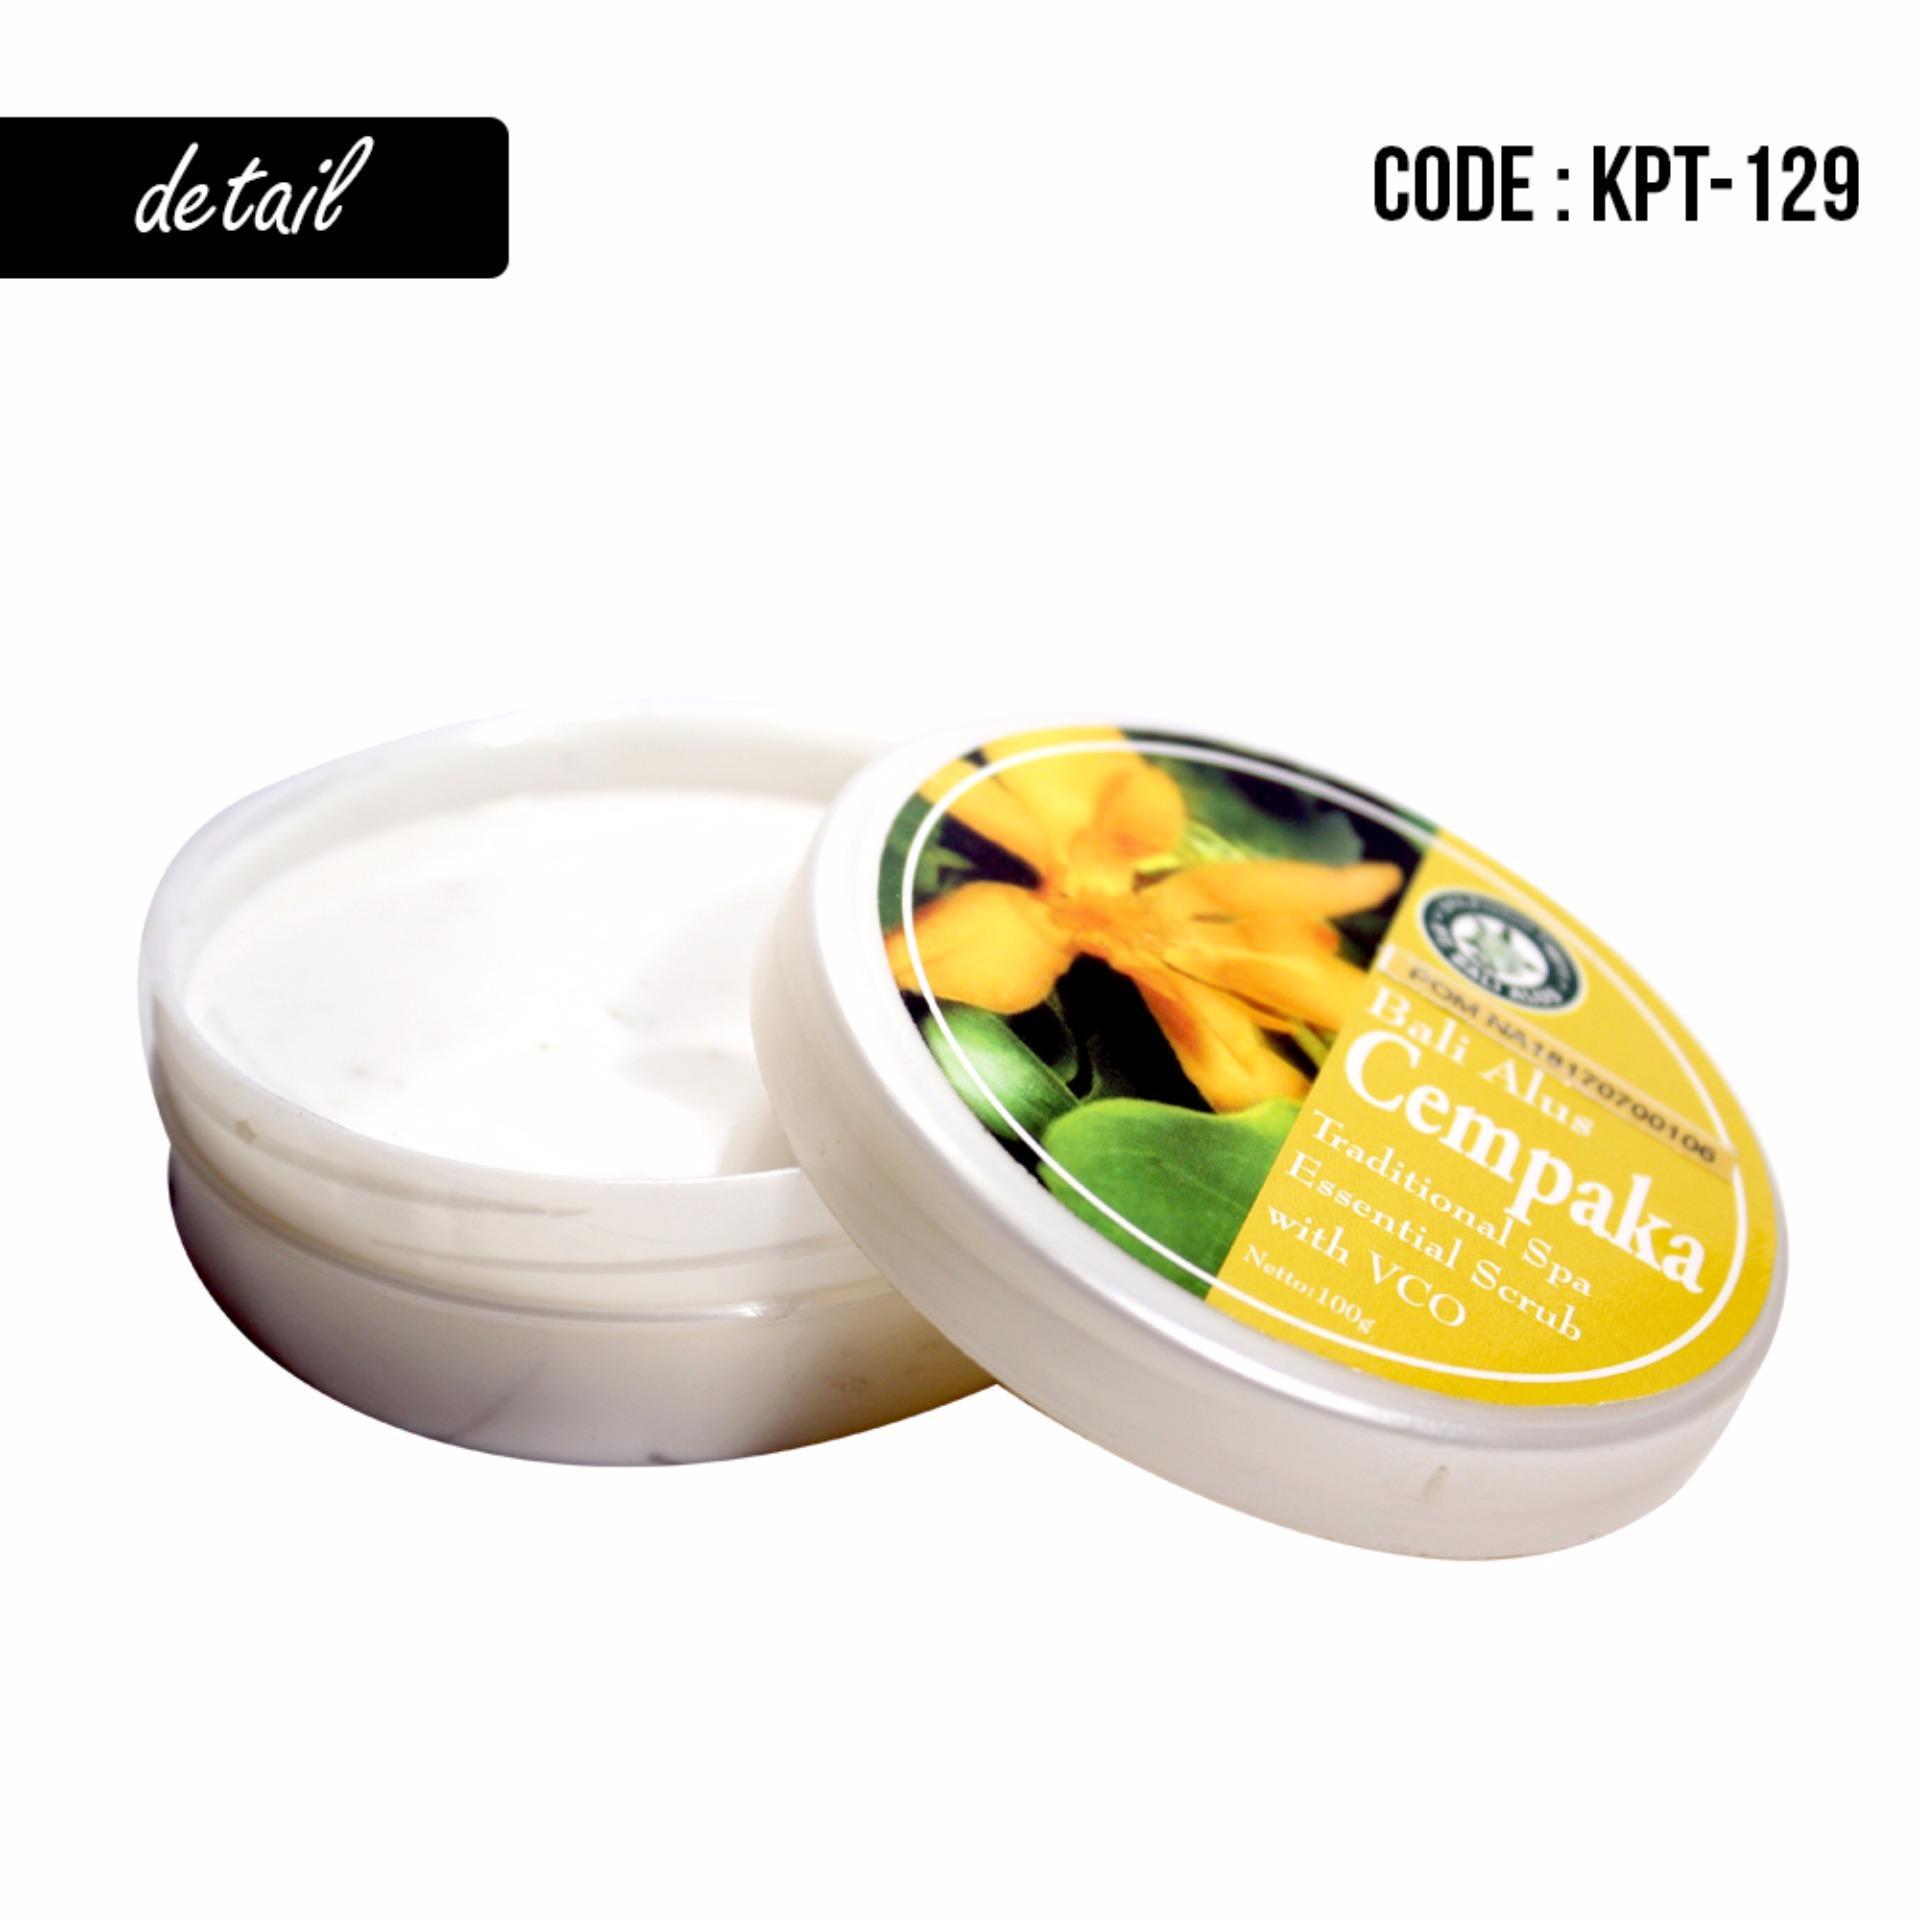 Bali Alus Lulur Jasmine 100 Gr 4 Buah Cek Harga Terkini Dan Paket Tiga Pcs Sekar Jagat Milk Bangkuang Cempaka Kpt 129